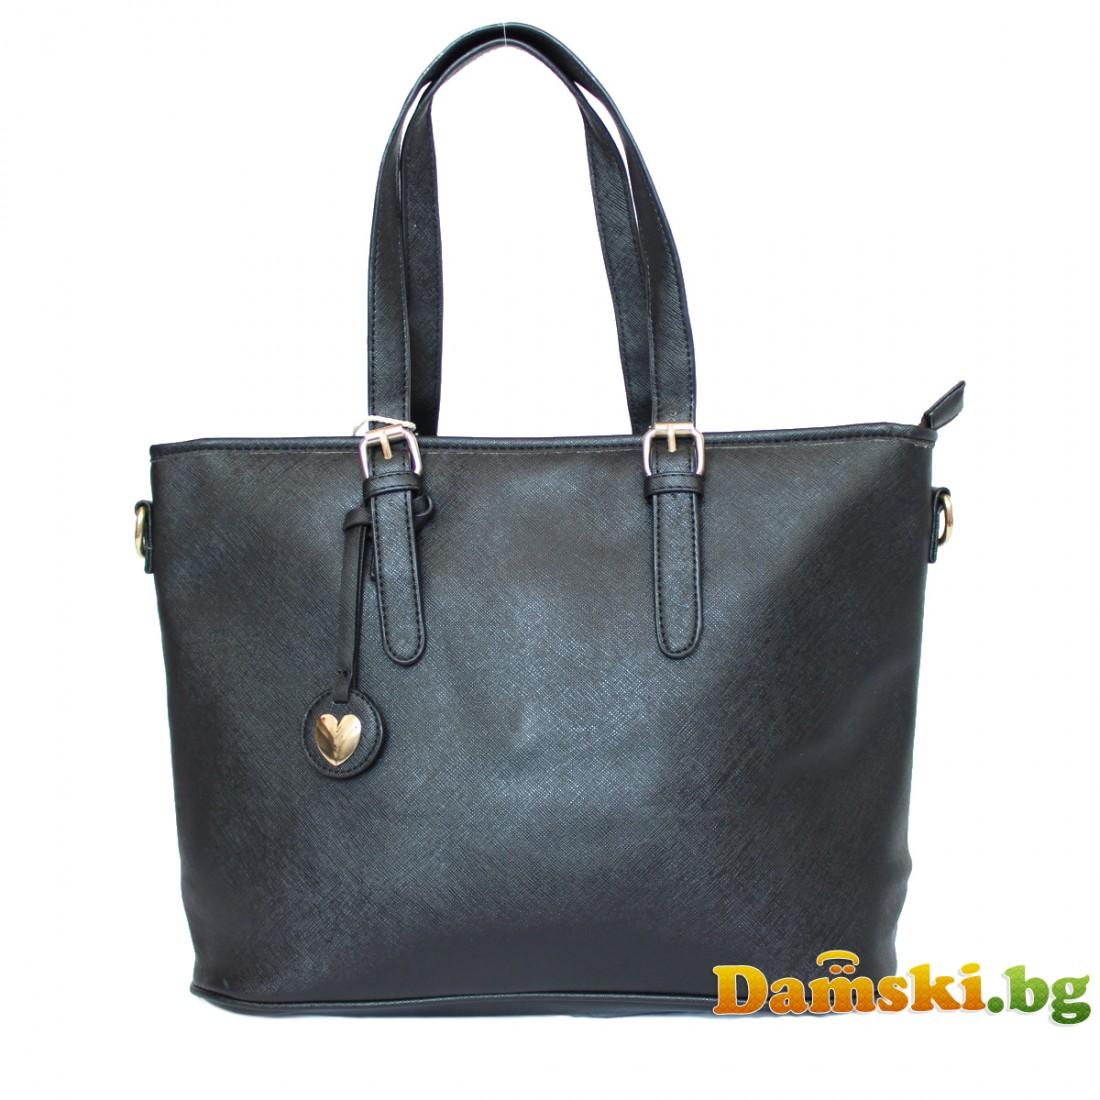 Ежедневни дамски чанти с висулка сърце